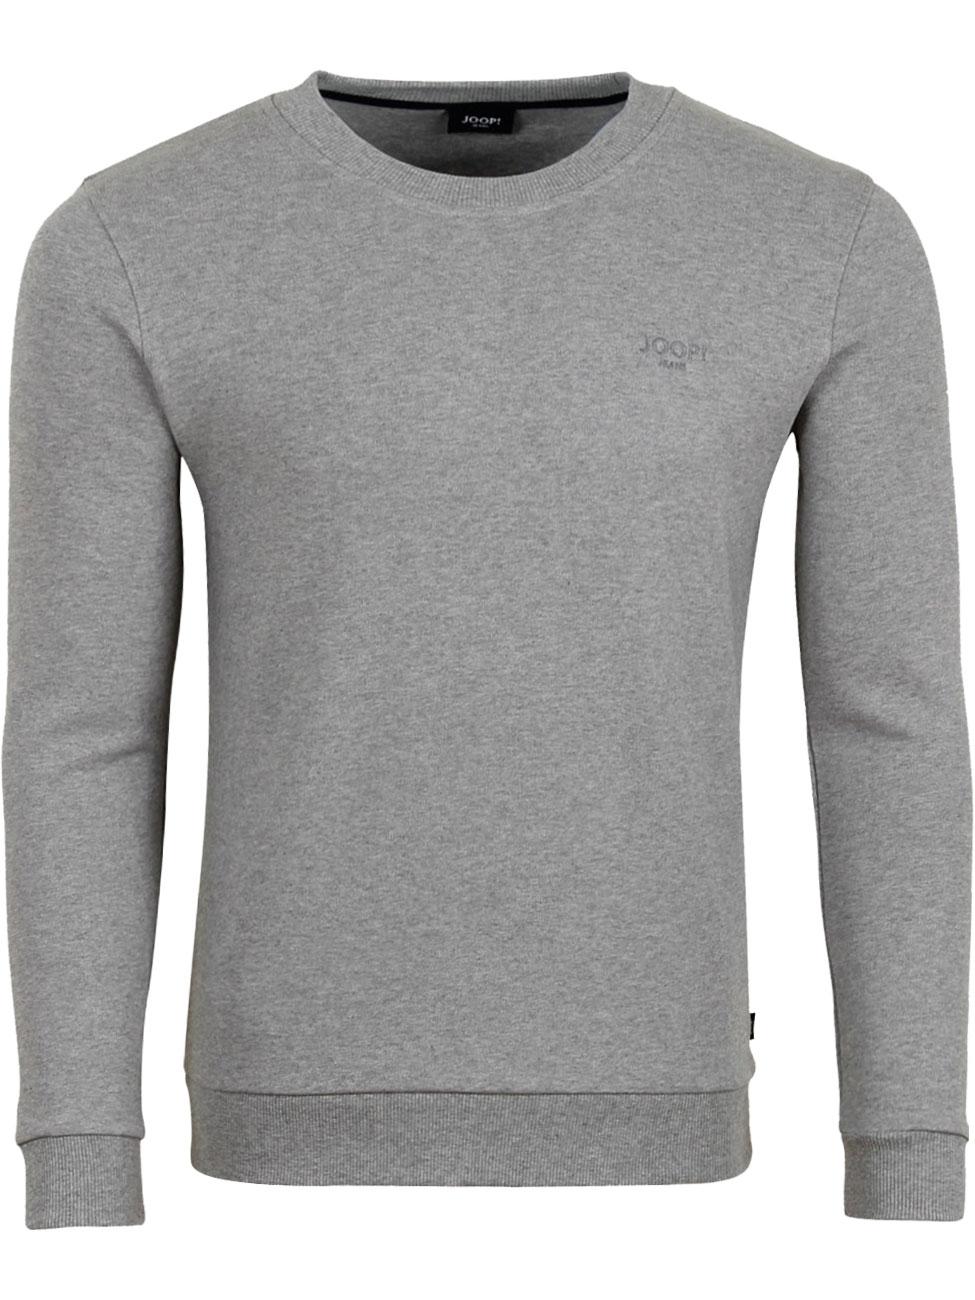 Pulli-Sale bei Jeans Direct + 15% on top / z.B. Joop! Herren Rundhals Sweatshirt Alf - Regular Fit